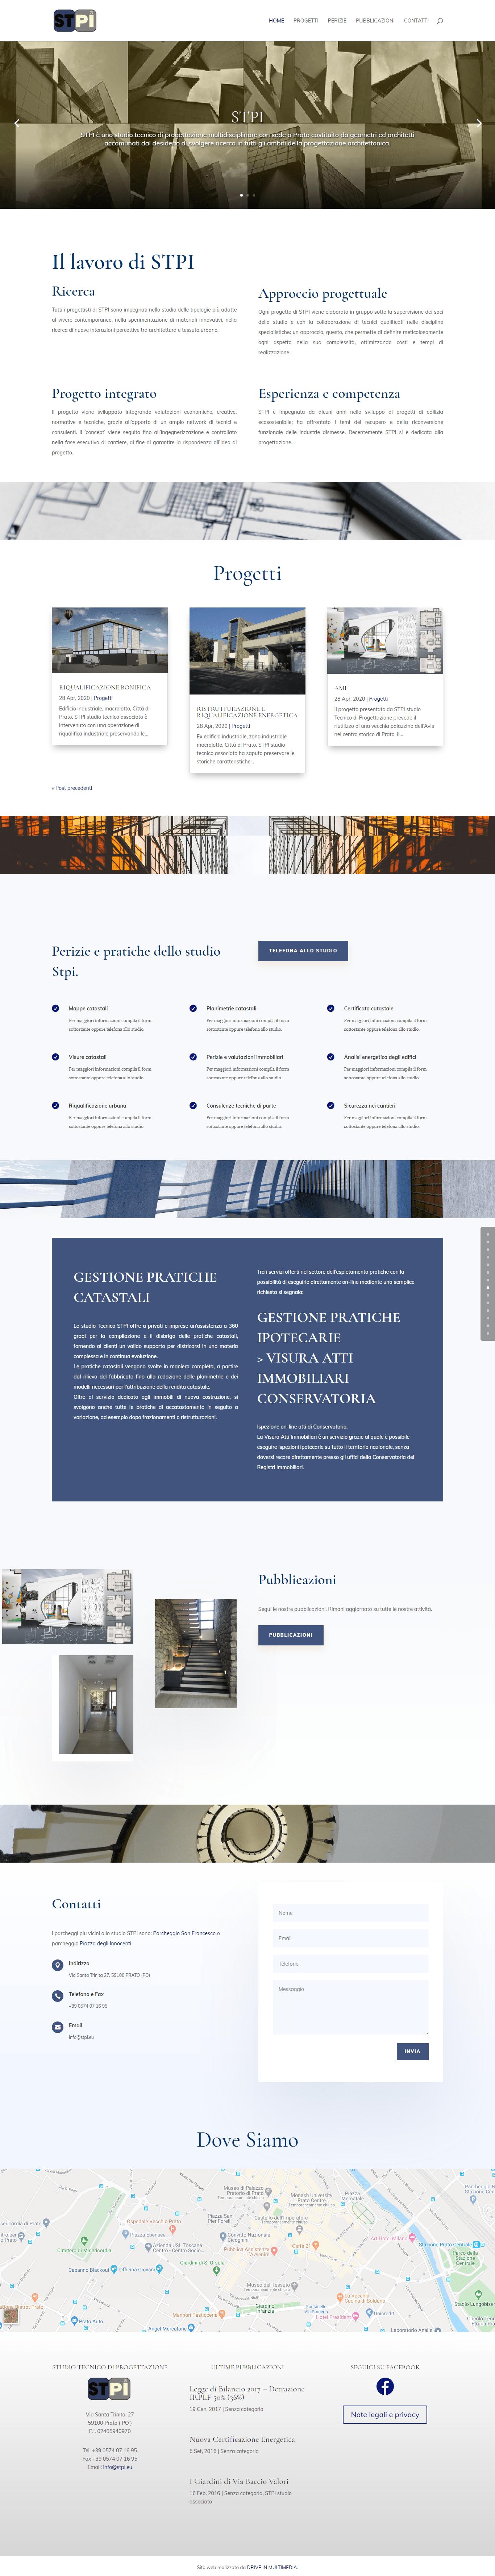 restyling-e-realizzazione-siti-web. Restyling grafico e strutturale di STPI. Realizzazione siti web per liberi professionisti